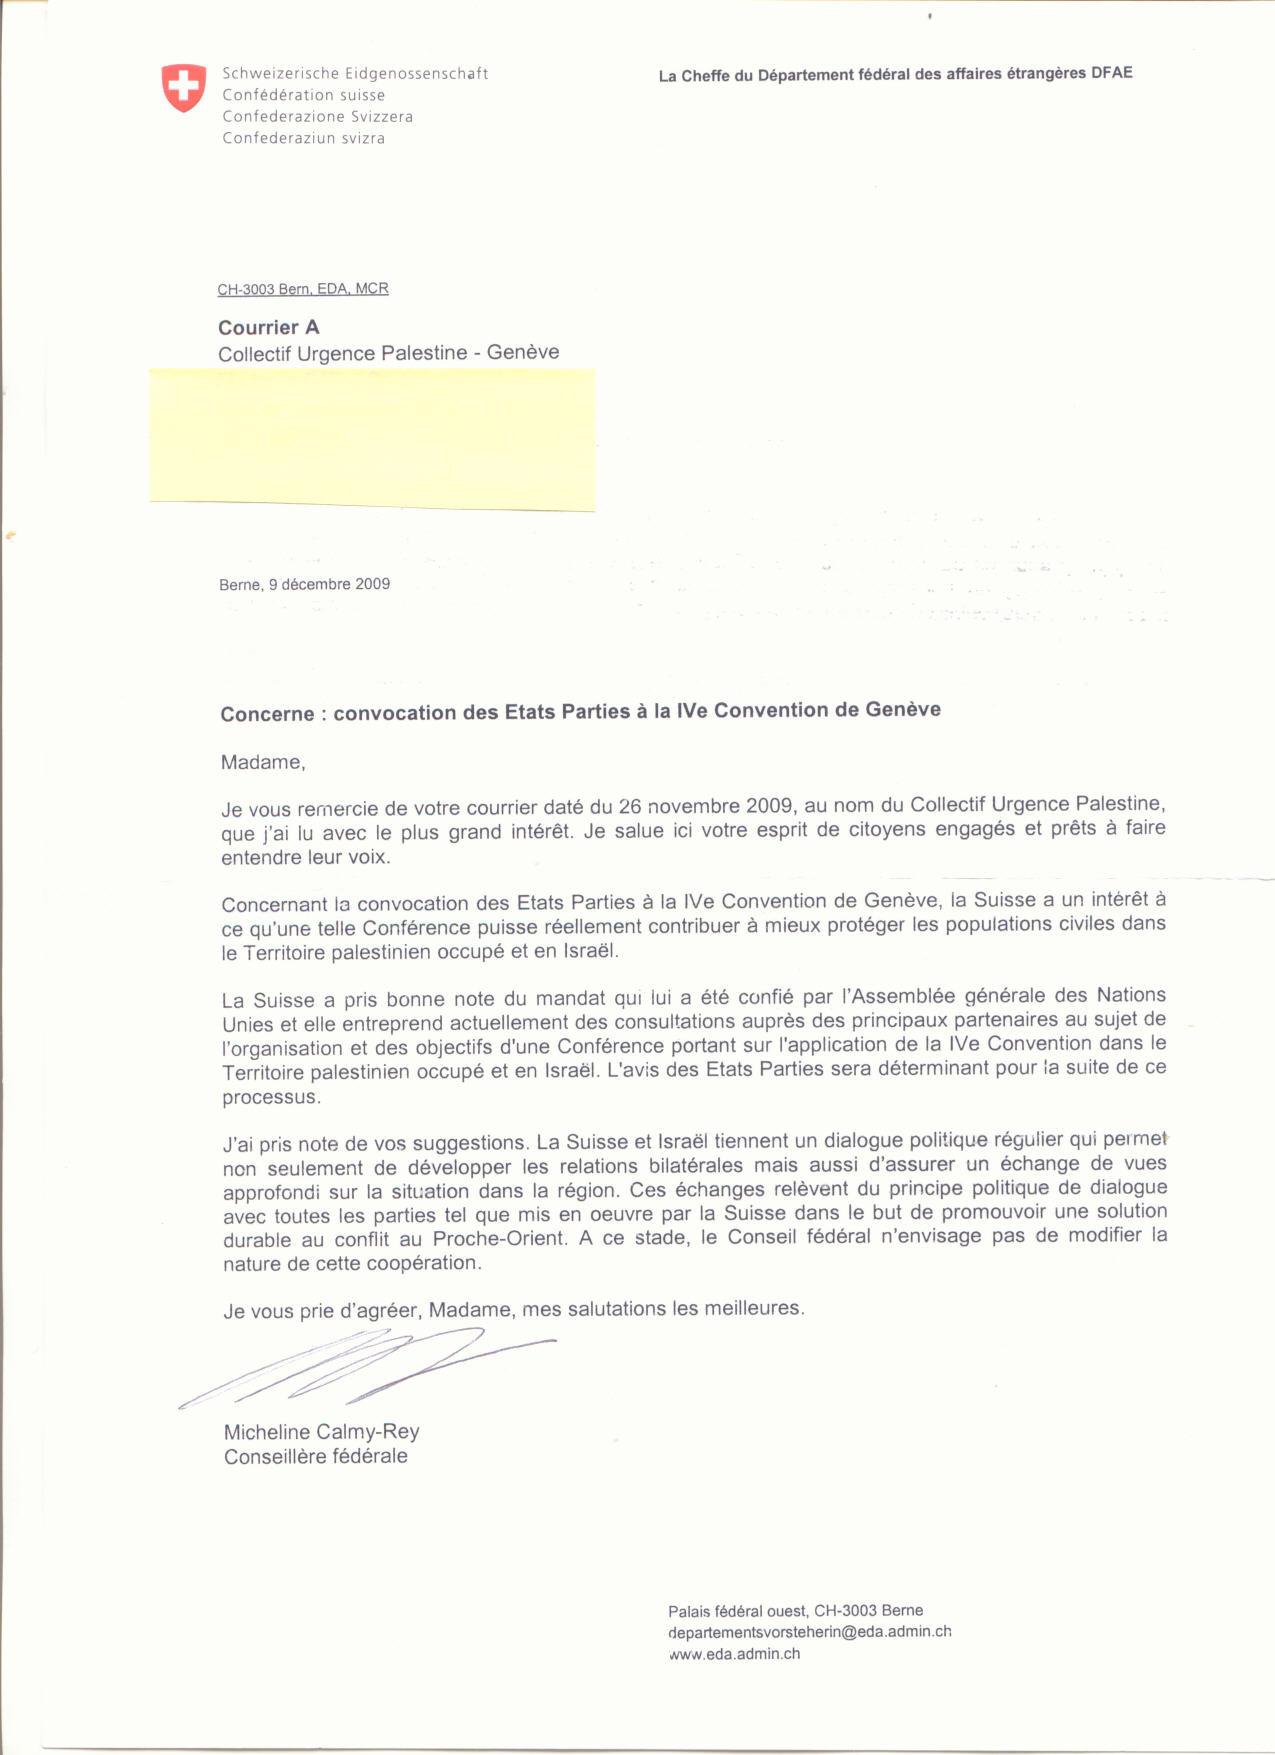 Lettre de motivation suisse romande - laboite-cv.fr